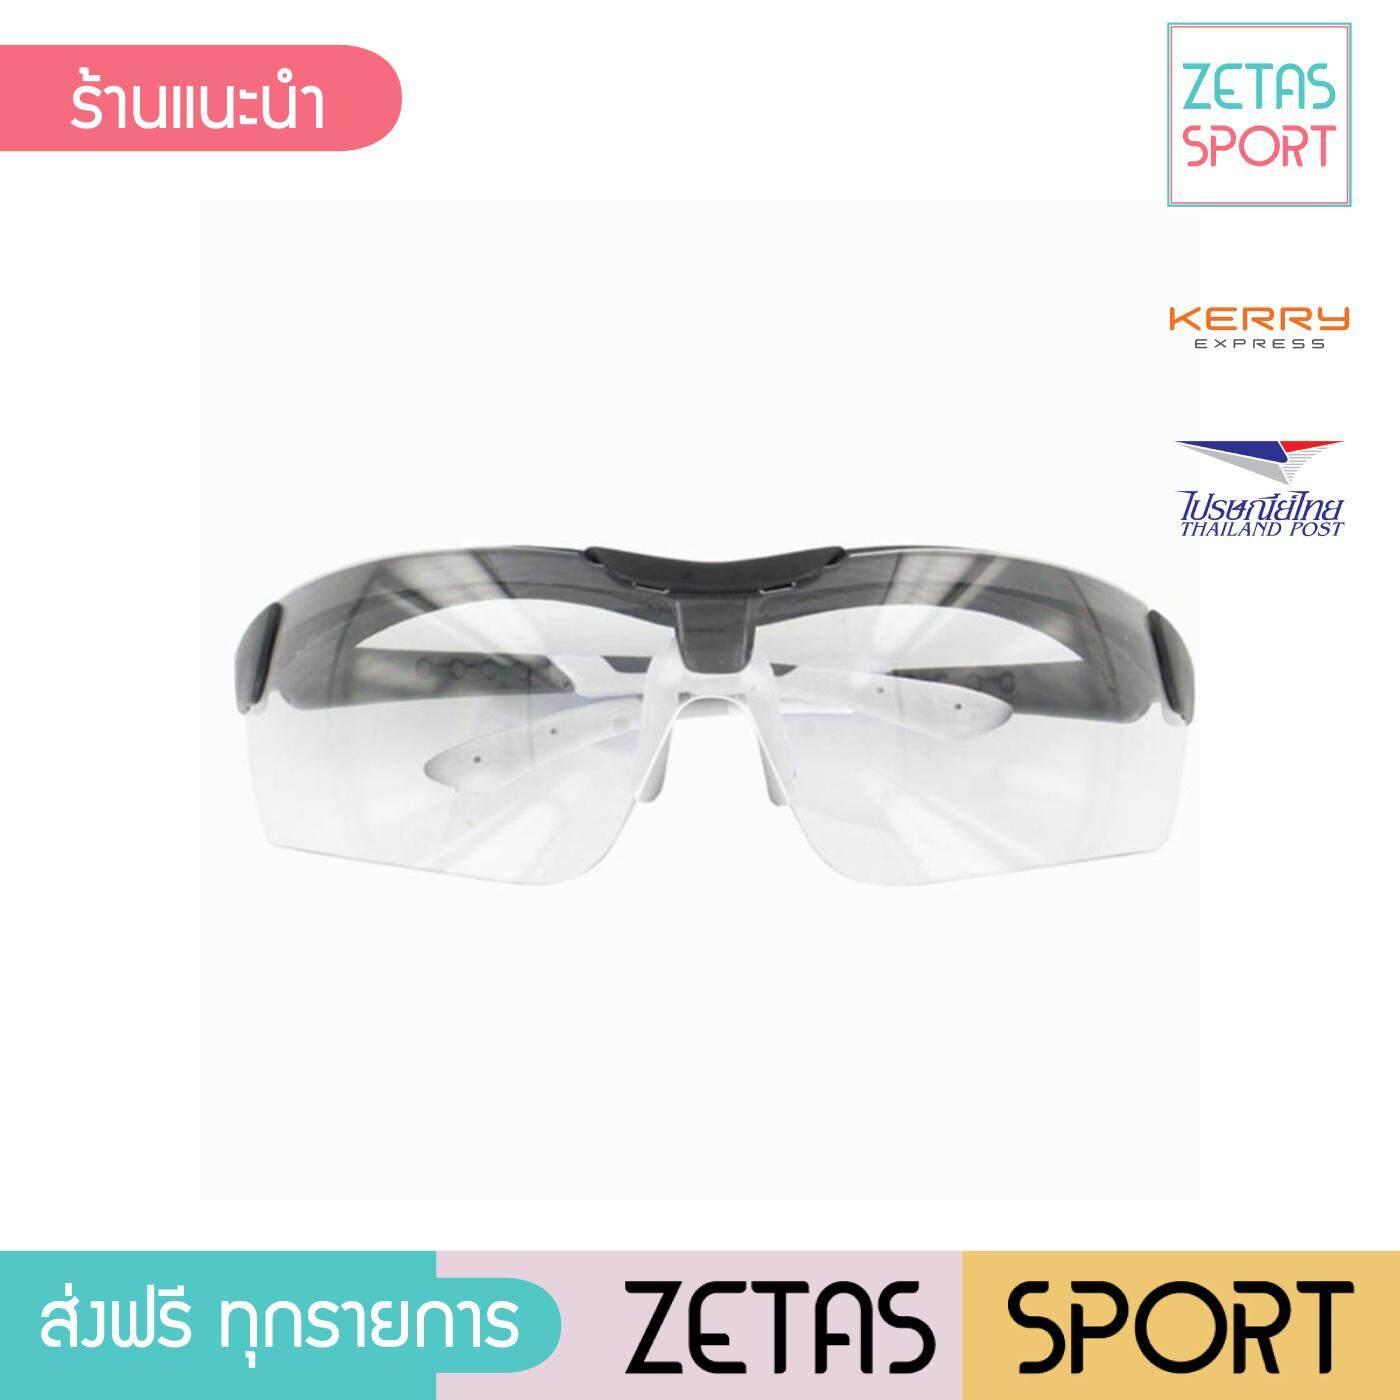 Zetas sport ส่งฟรี!! แว่นตาเล่นสควอชสำหรับผู้ใหญ่รุ่น SA (สีดำ)